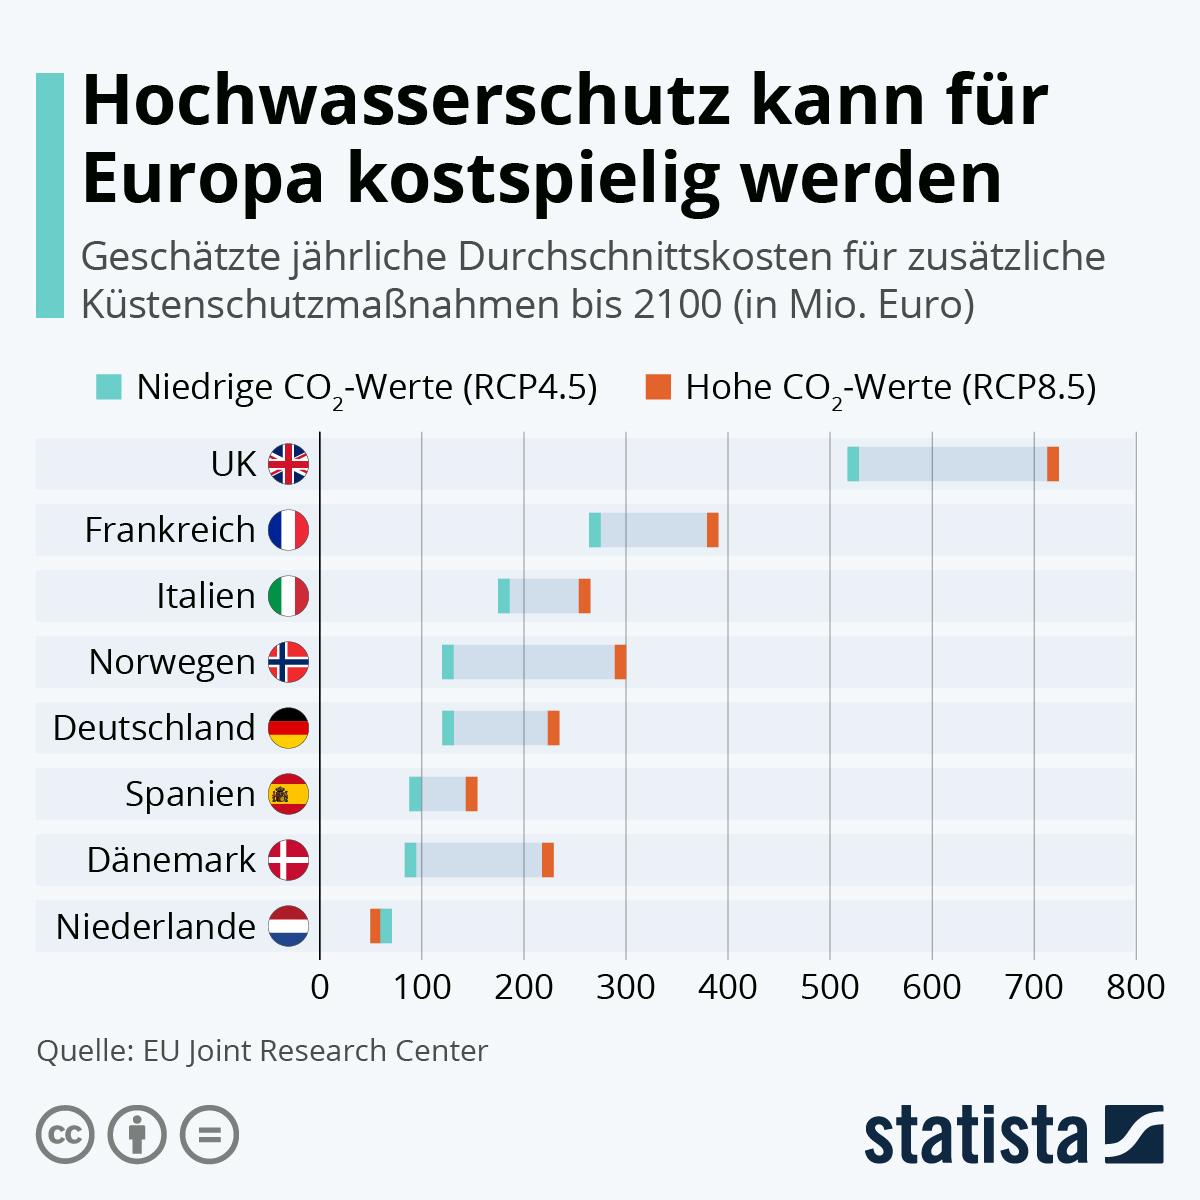 Hochwasserschutz kann für Europa kostspielig werden | Statista